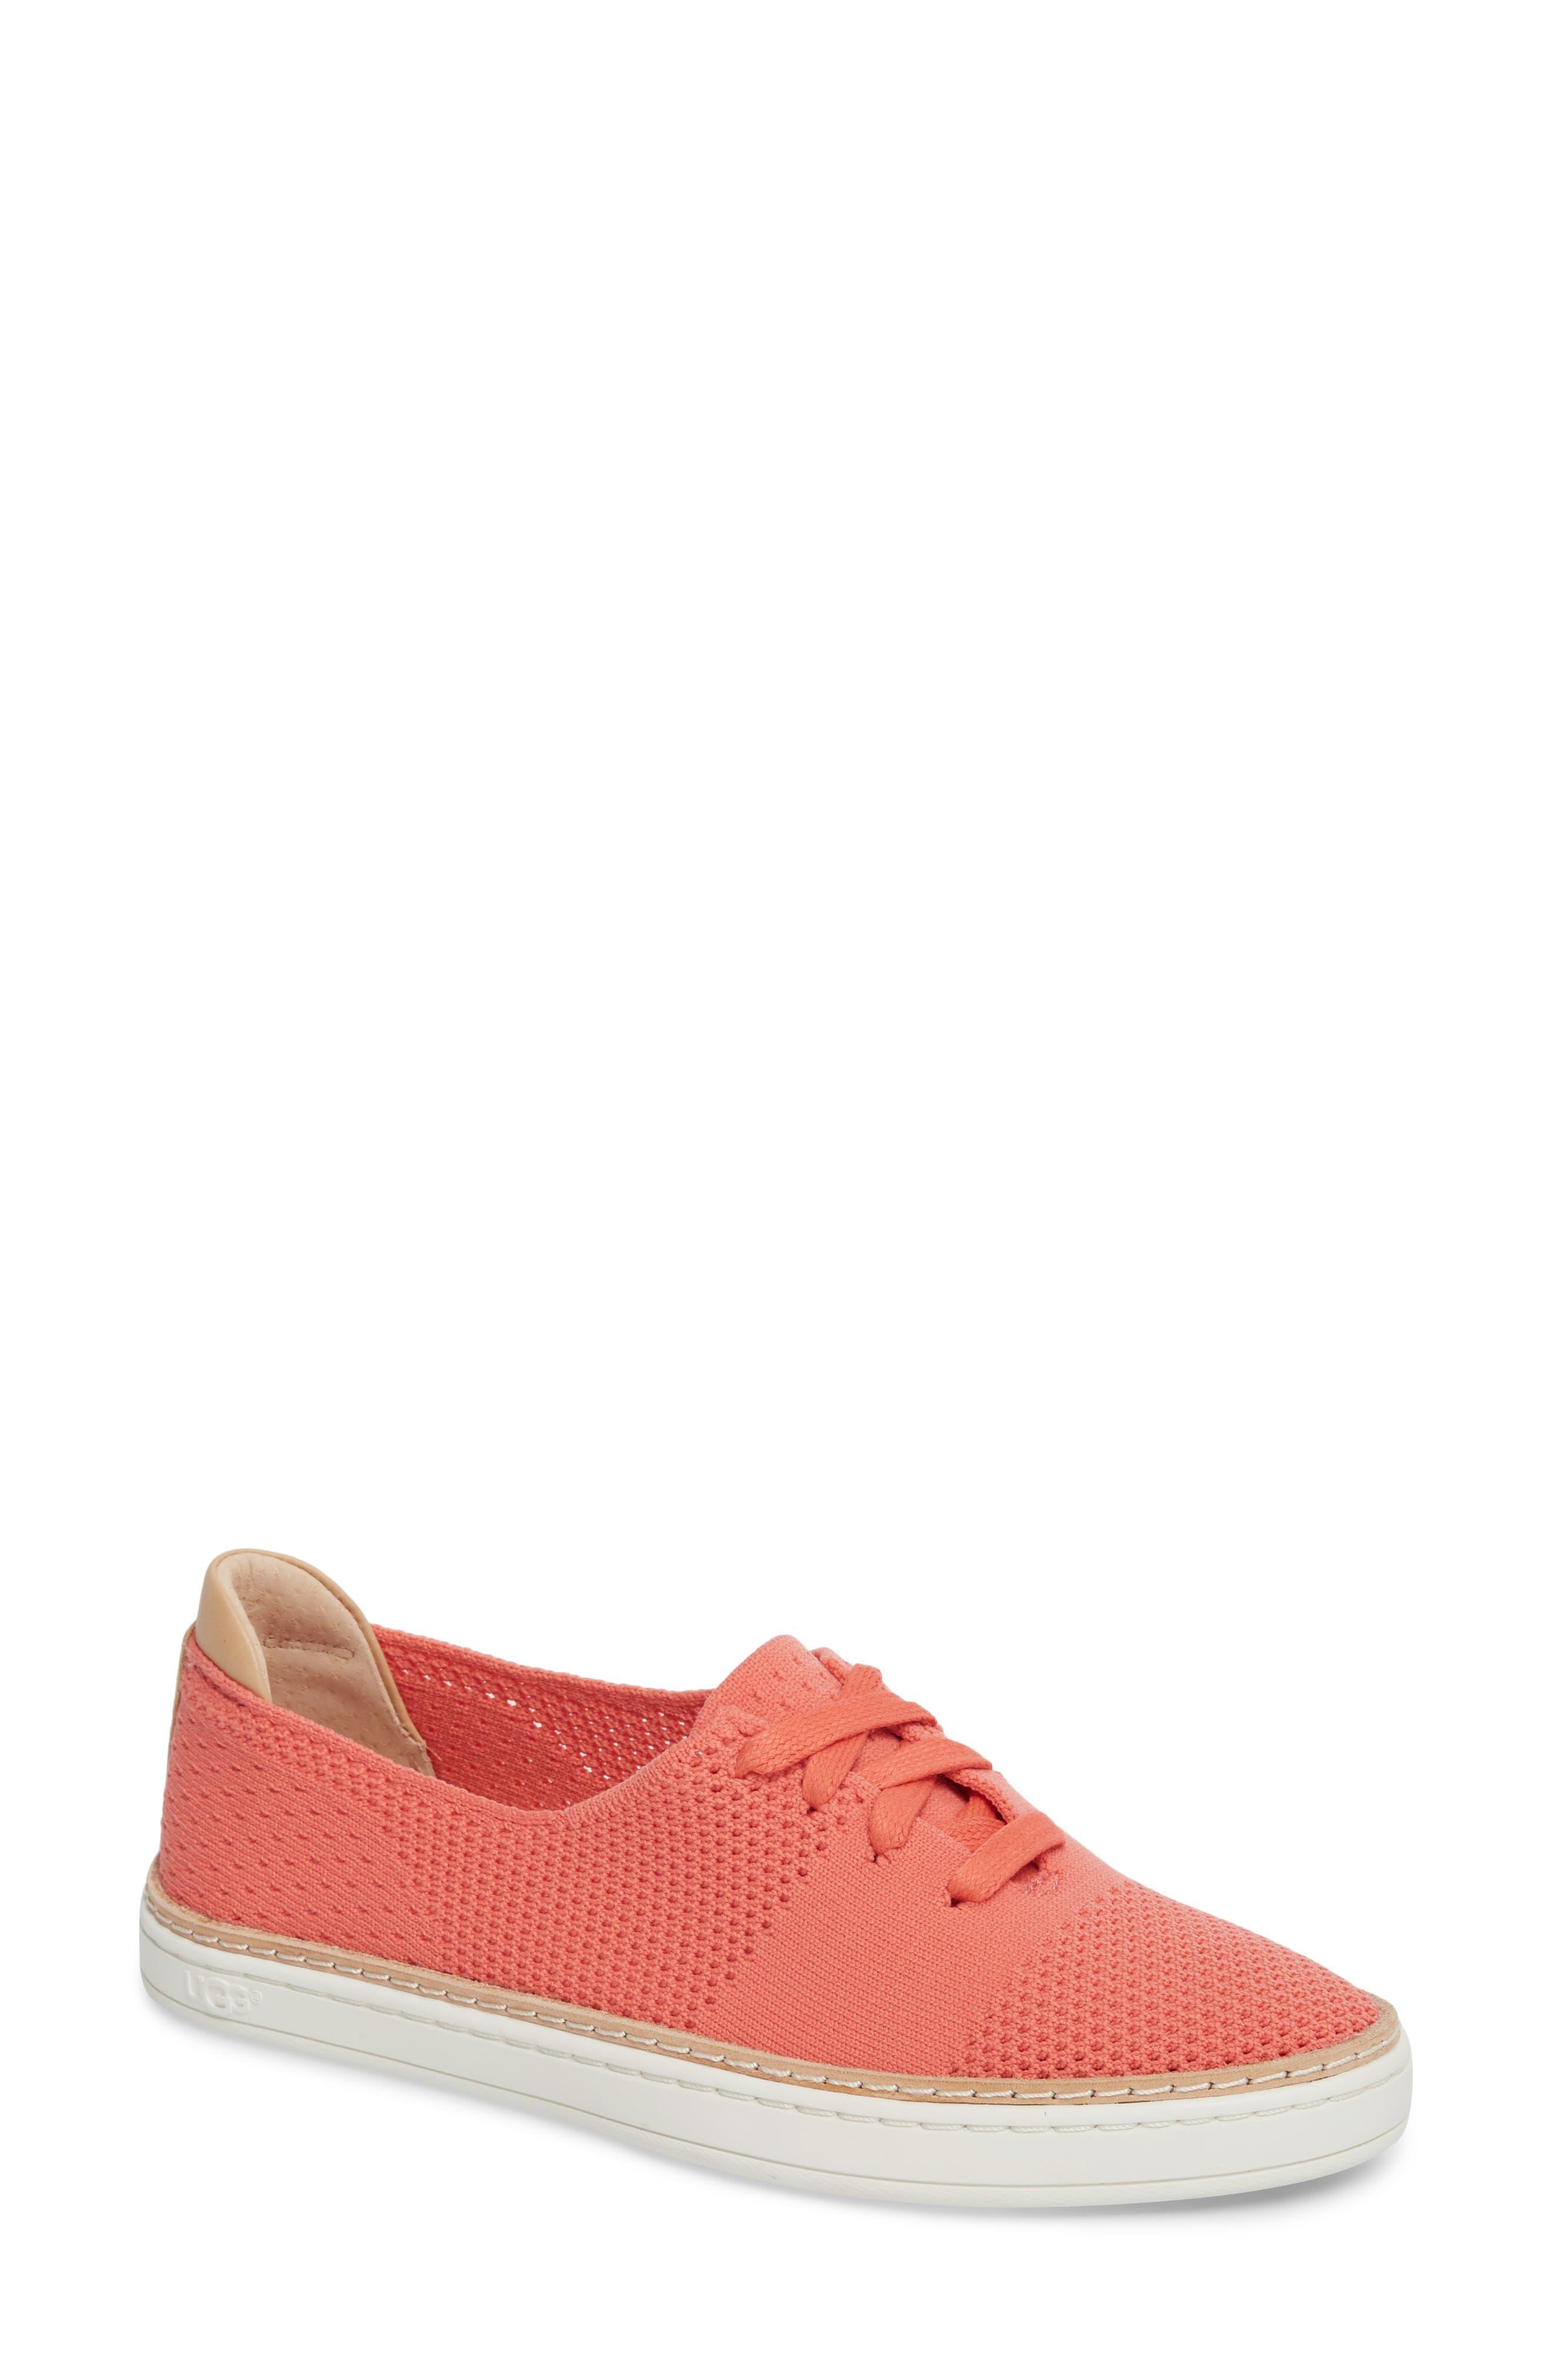 Pinkett Sneaker,                             Main thumbnail 1, color,                             VIBRANT CORAL